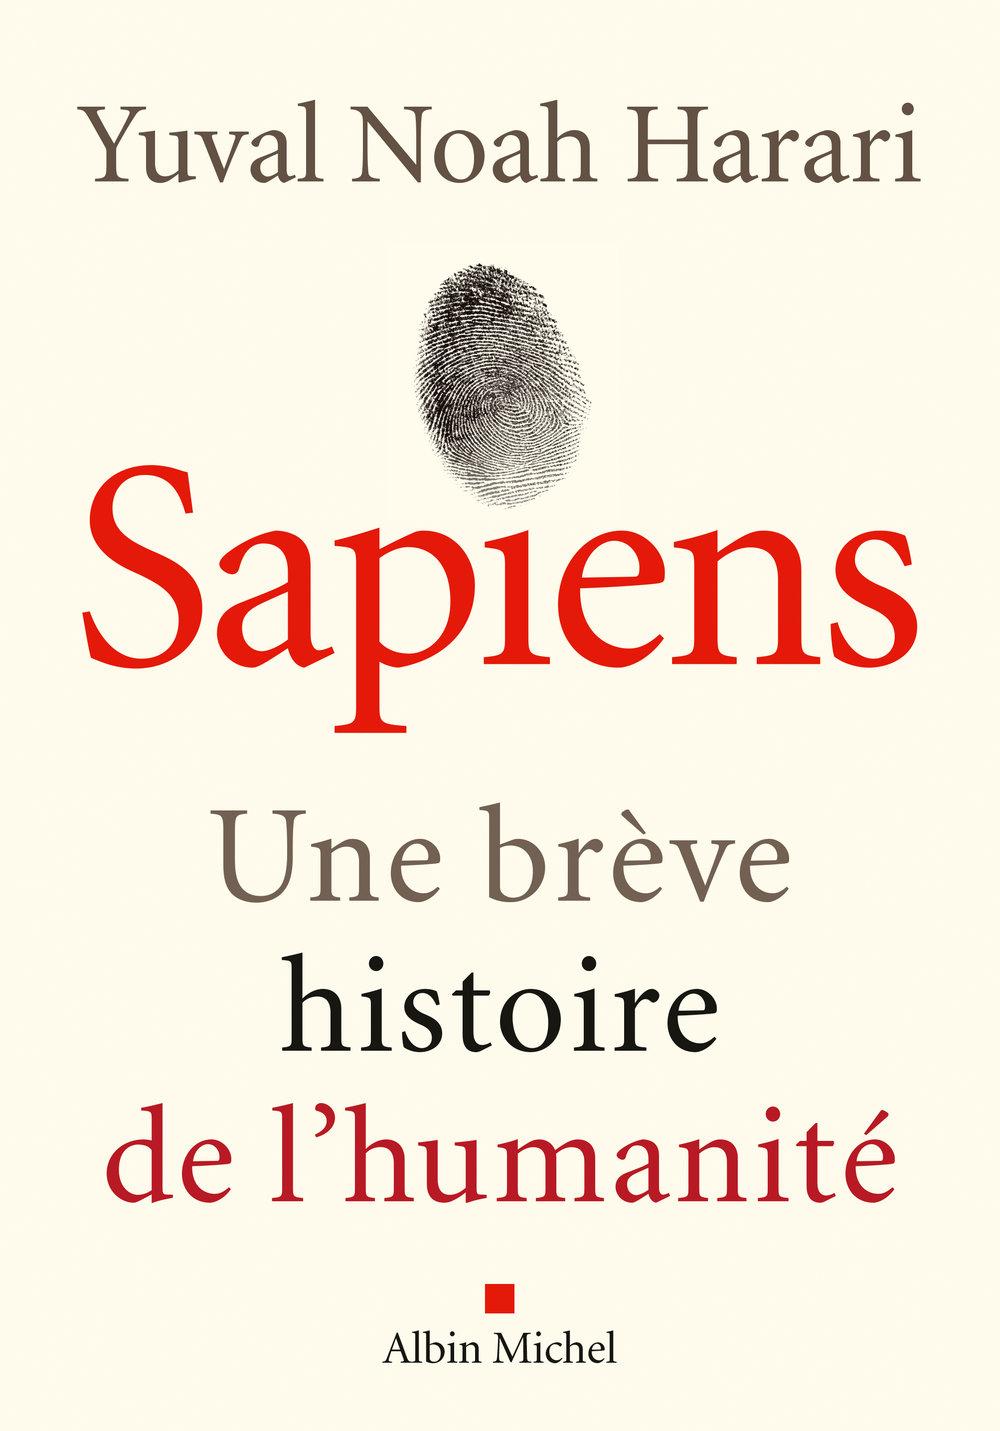 Sapiens (Yuval Noah Harari).jpg